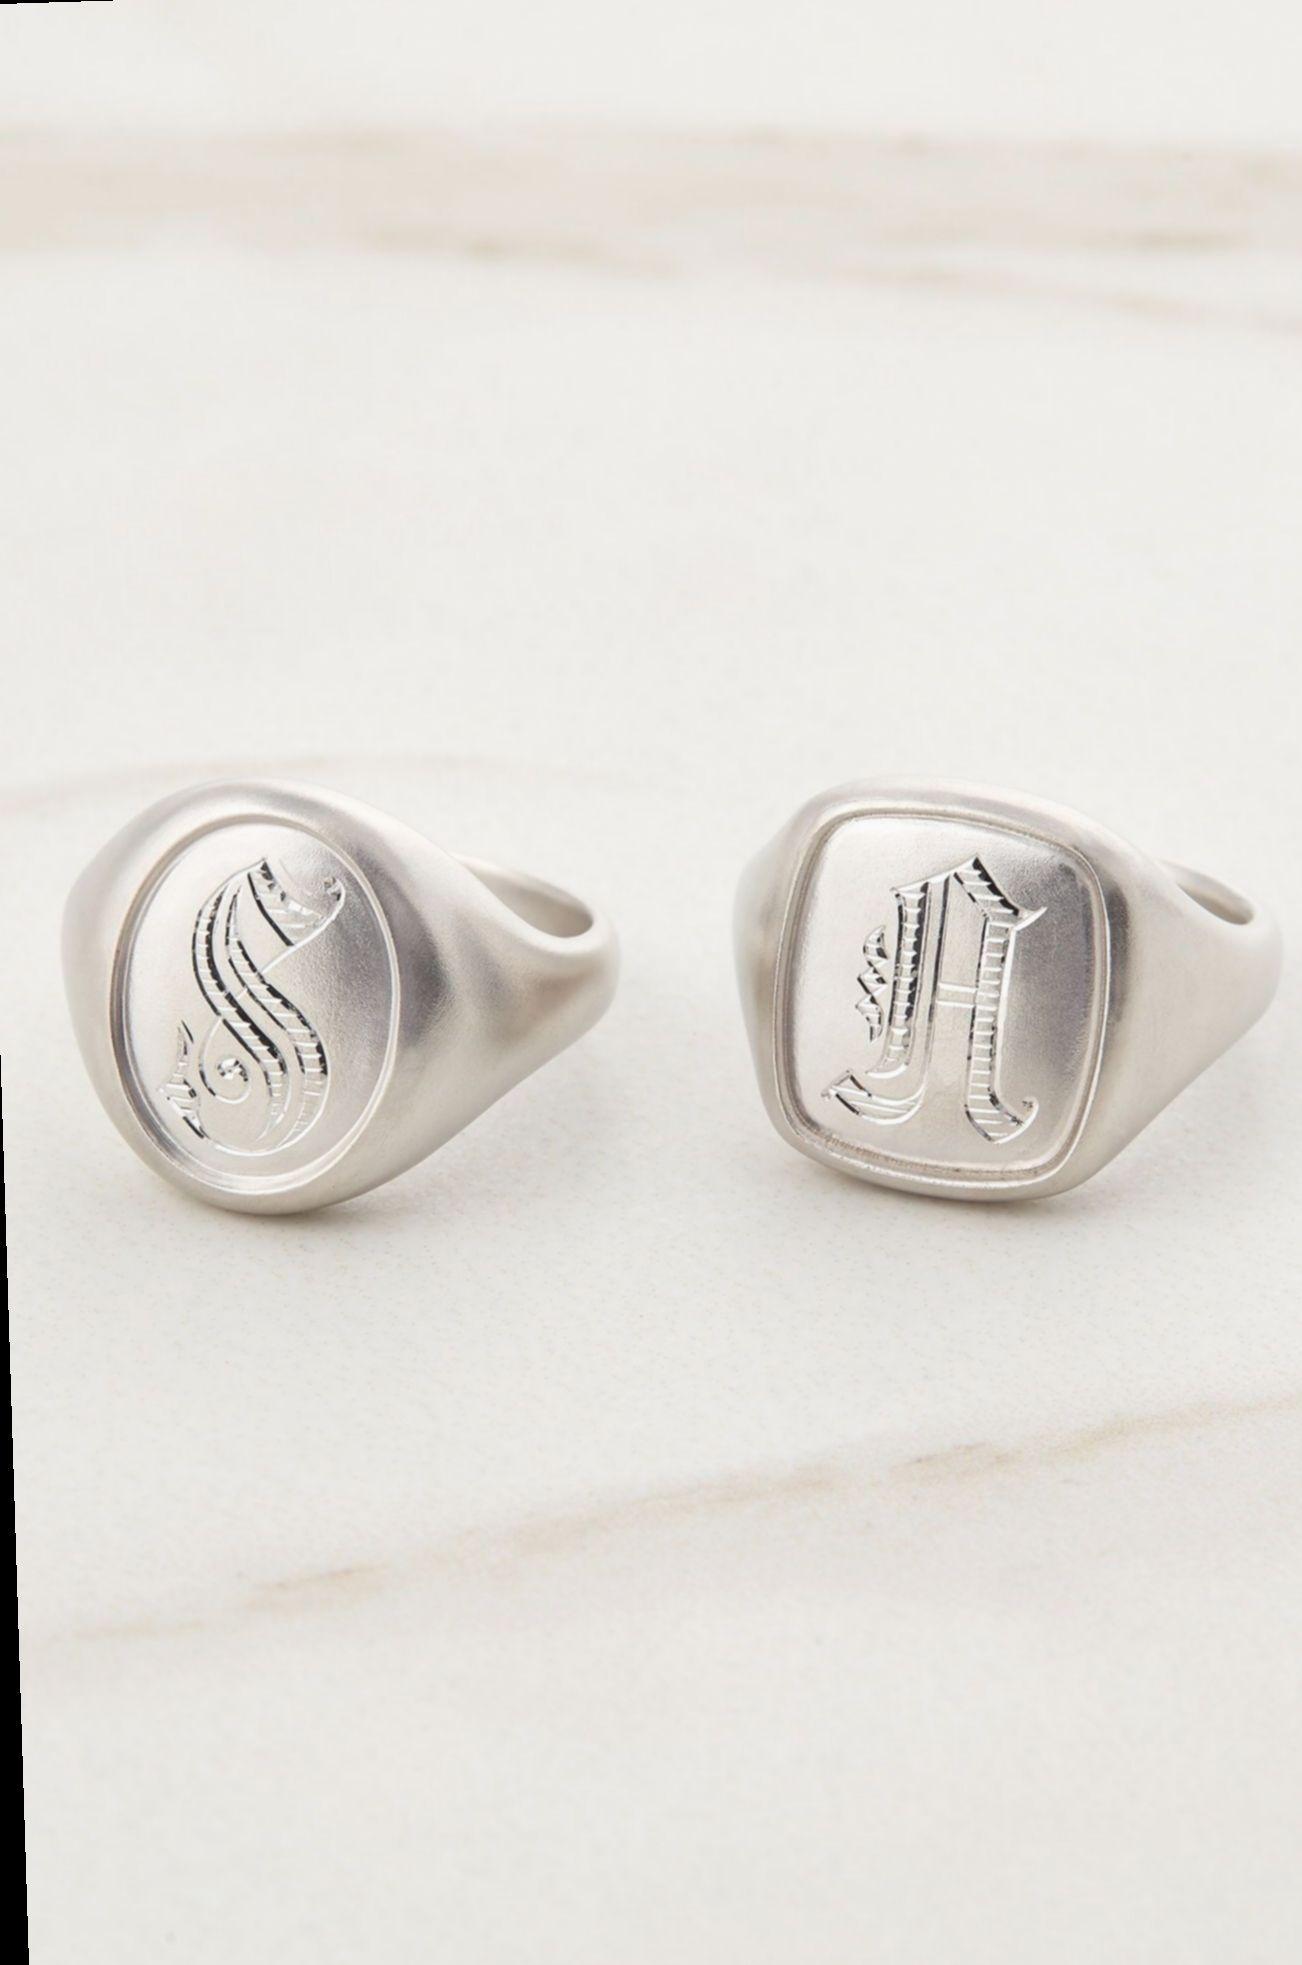 ✔ Jewelry Rings Gold For Men #gold #golden #potd